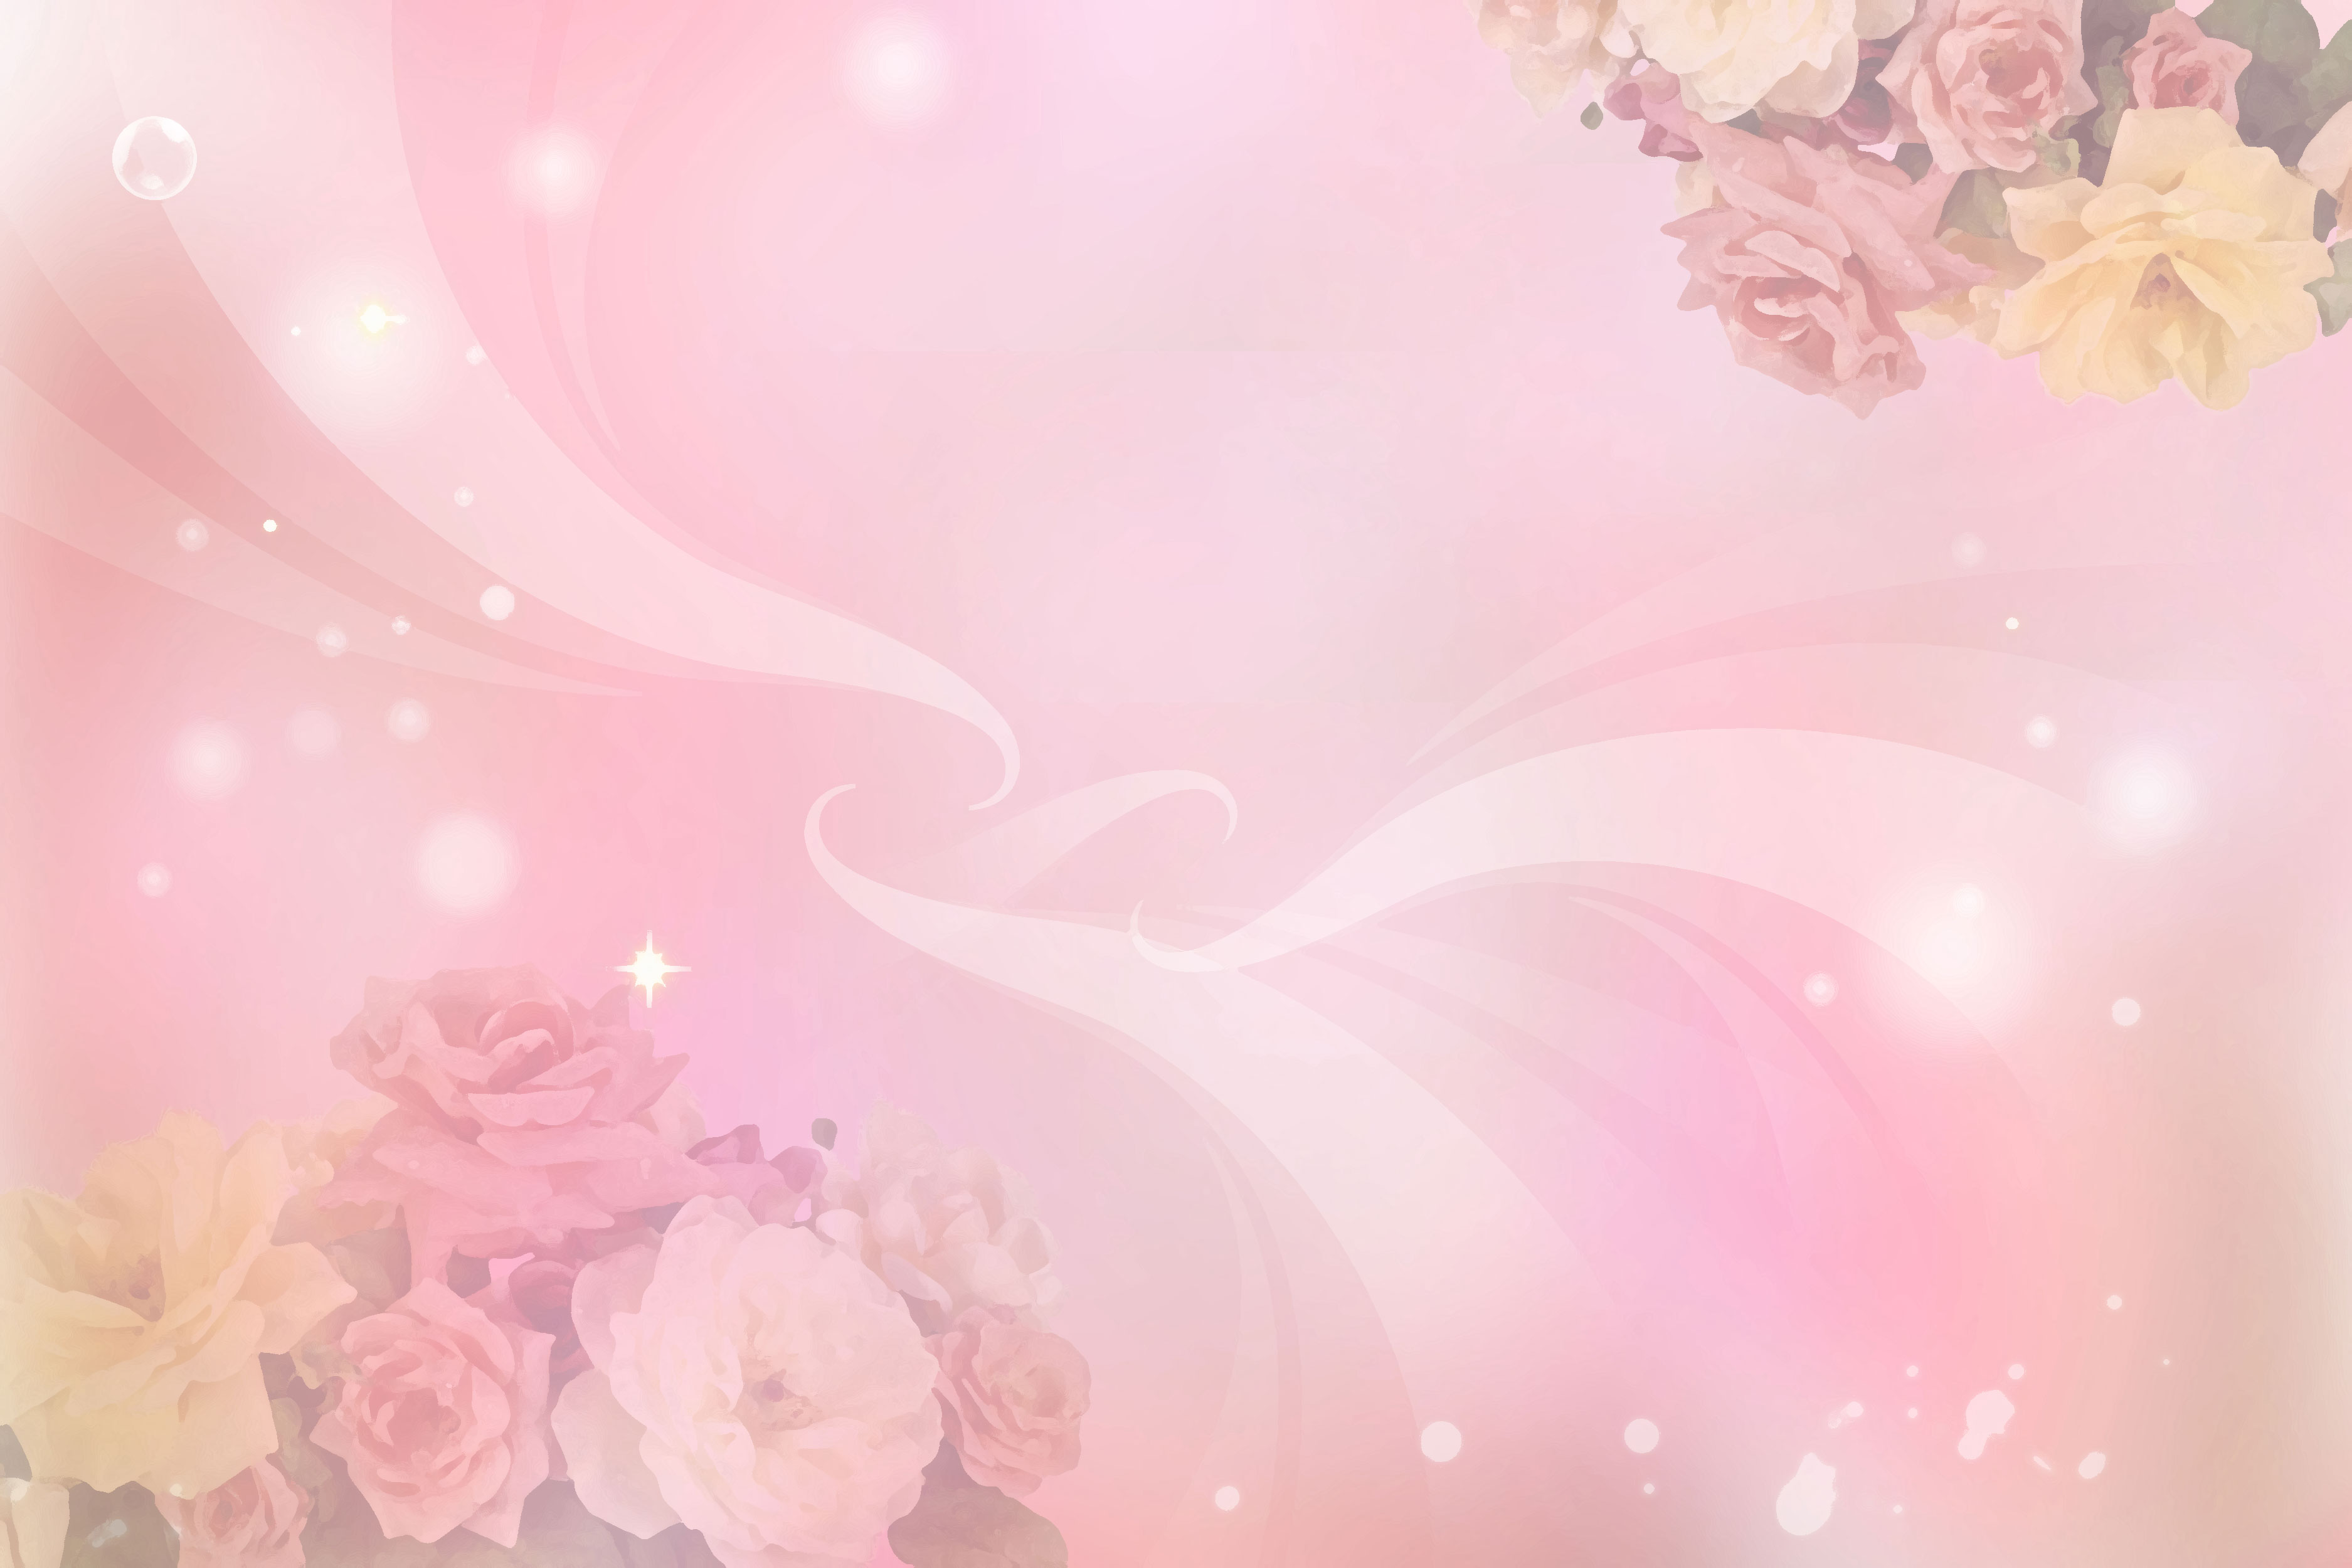 花のイラスト・フリー素材/壁紙・背景no.087『カラフルなバラ』